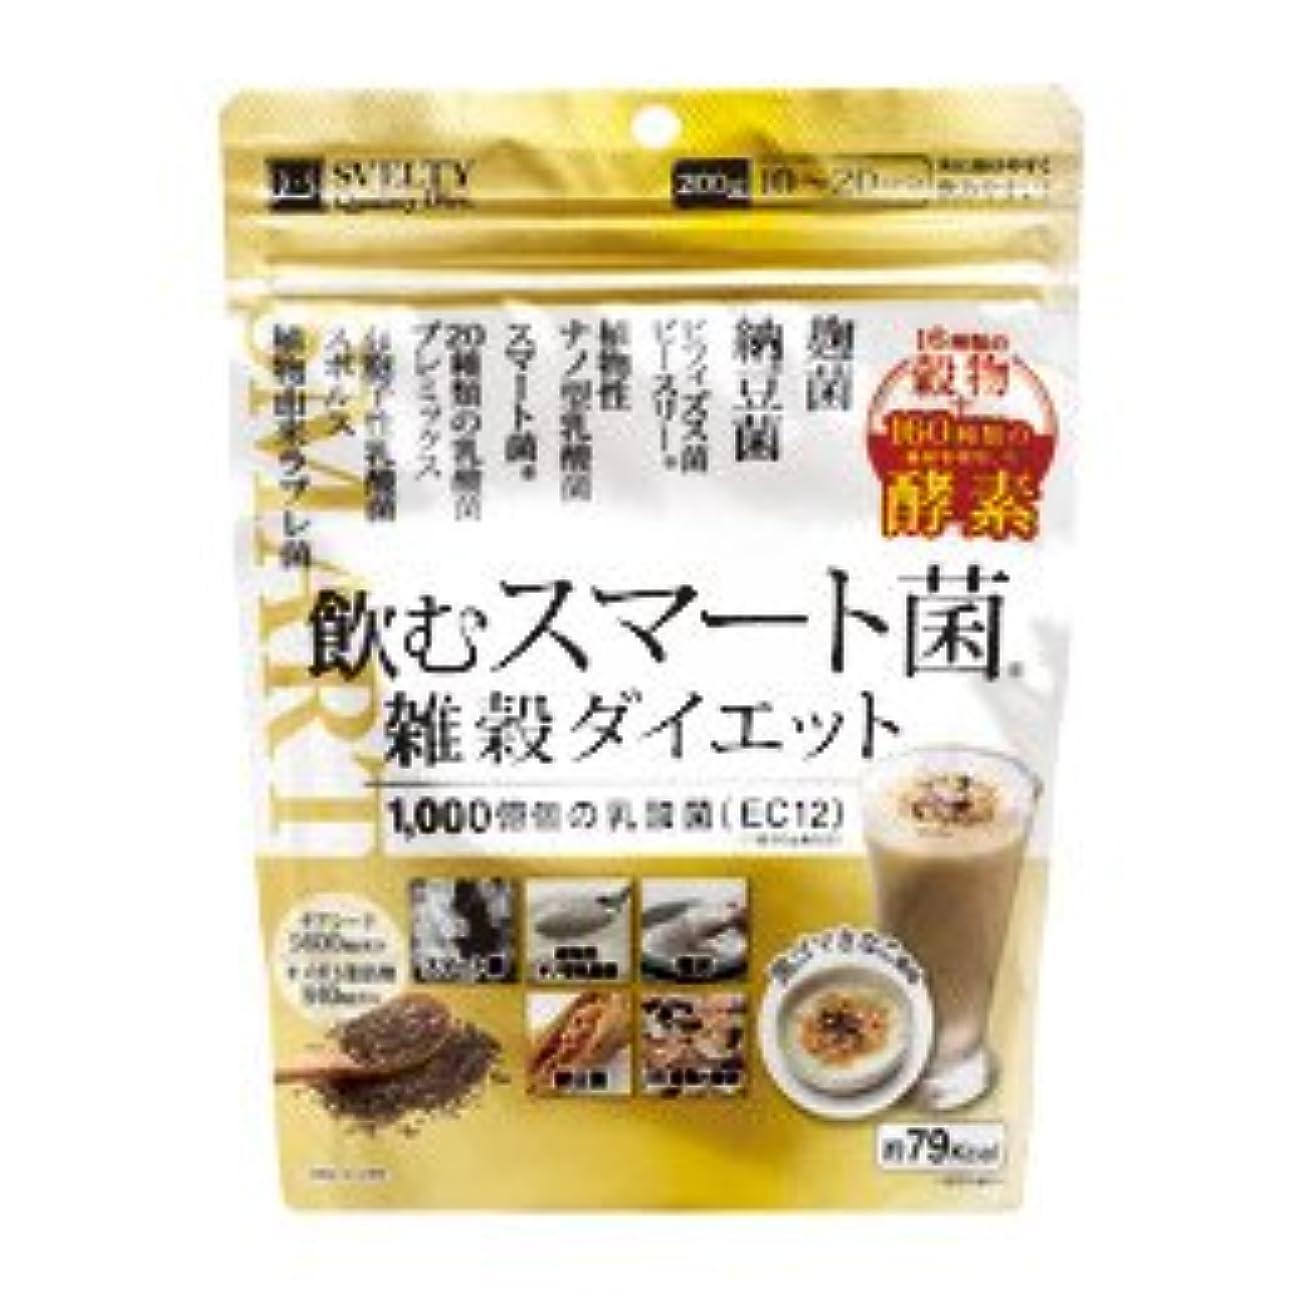 思い出バスウッズイムノス 飲むスマート菌 雑穀ダイエット 200g×36個